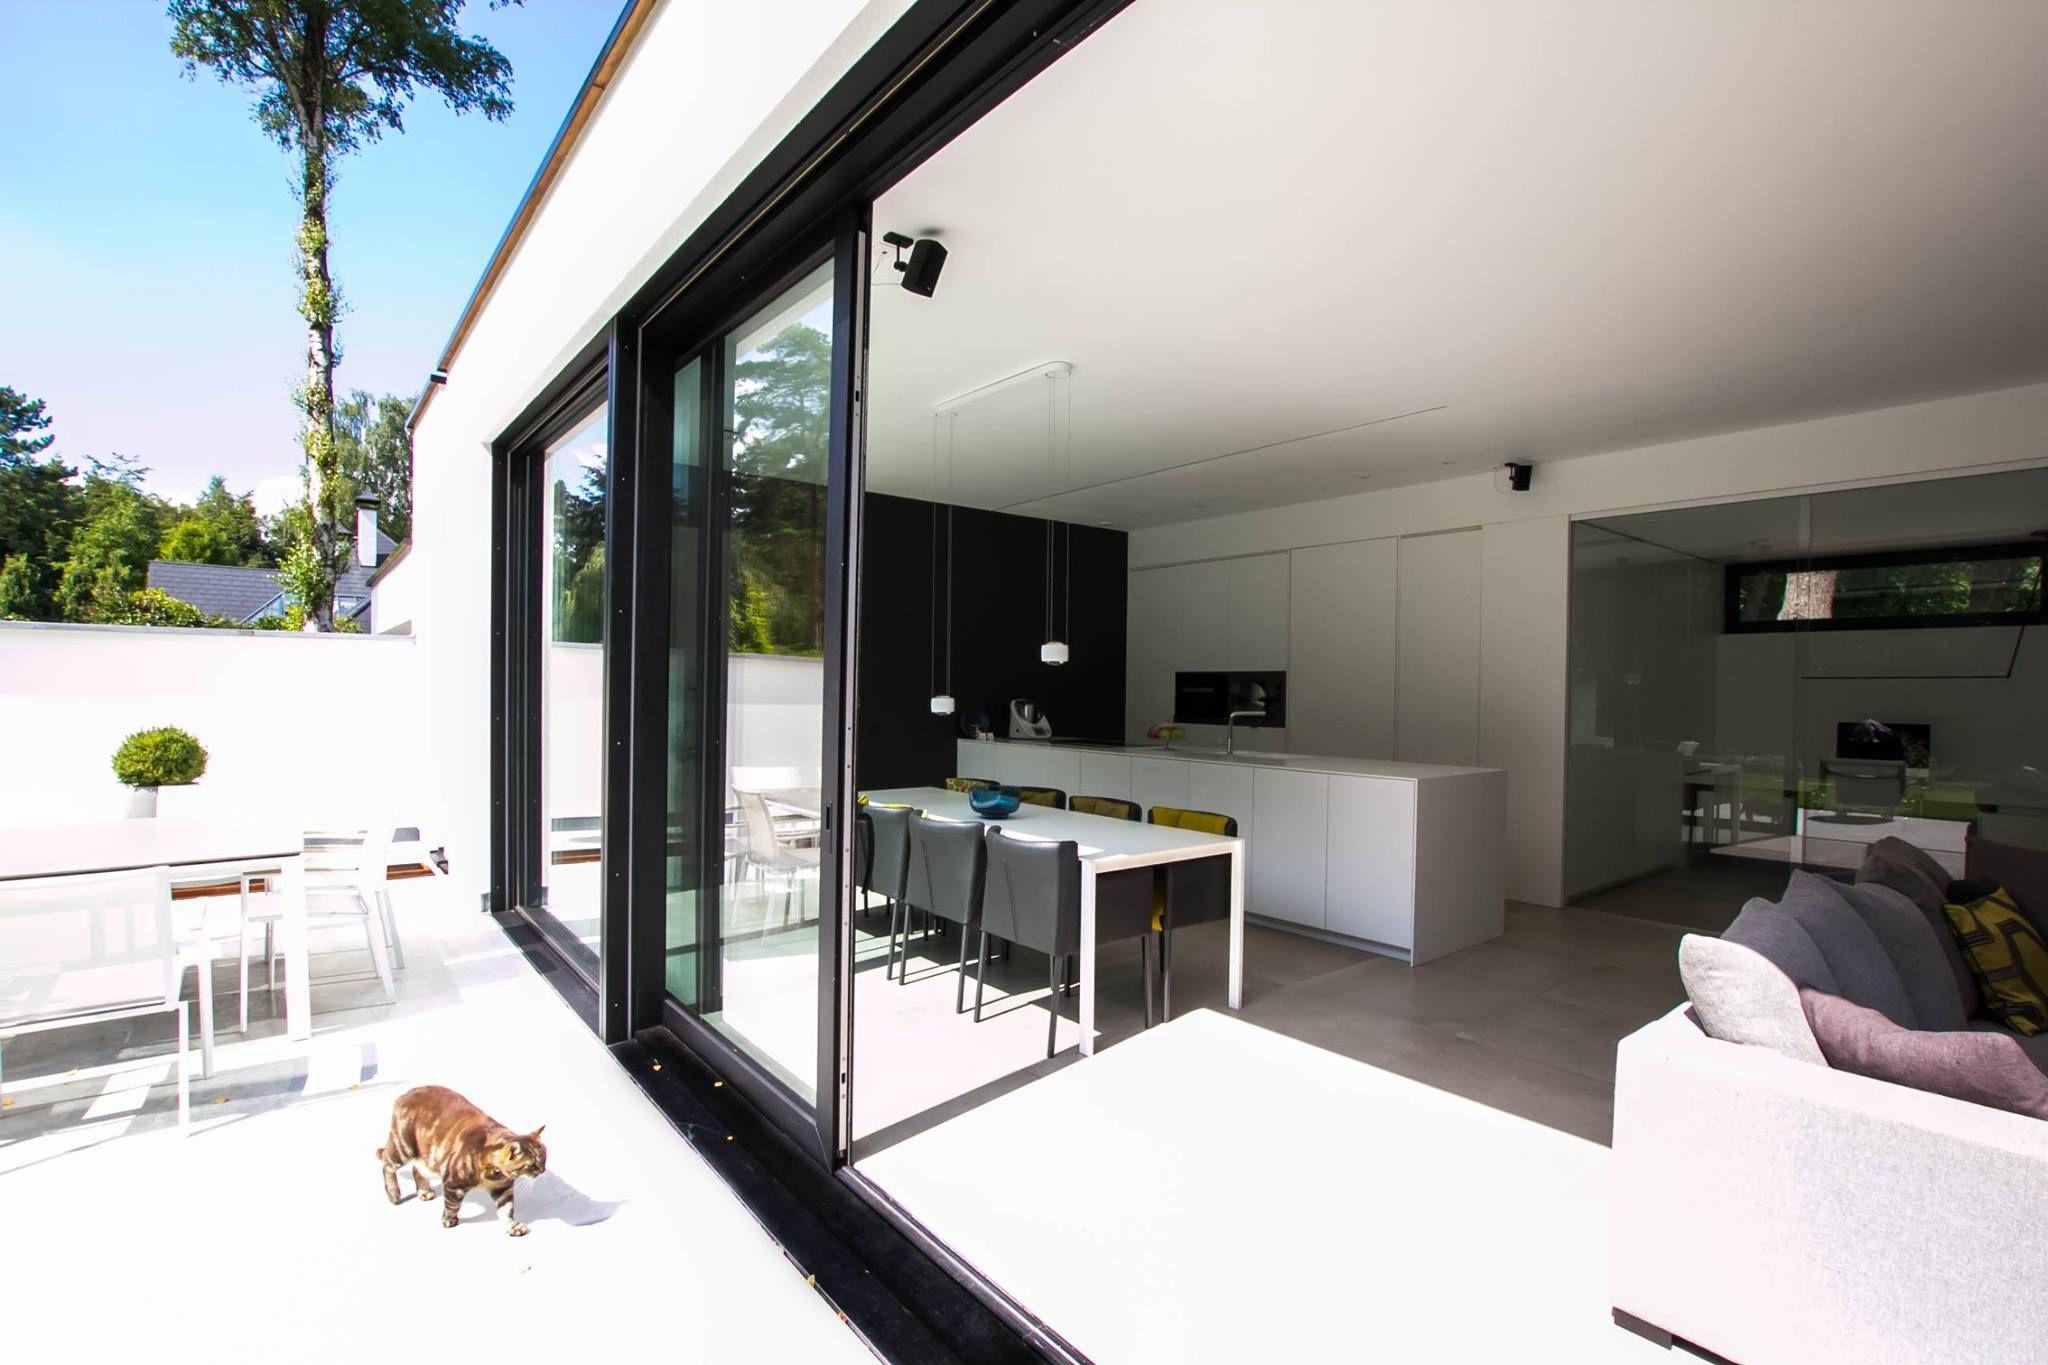 Moderne Open Keukens : Open interieur open keuken met keukeneiland tuin geïntegreerd in